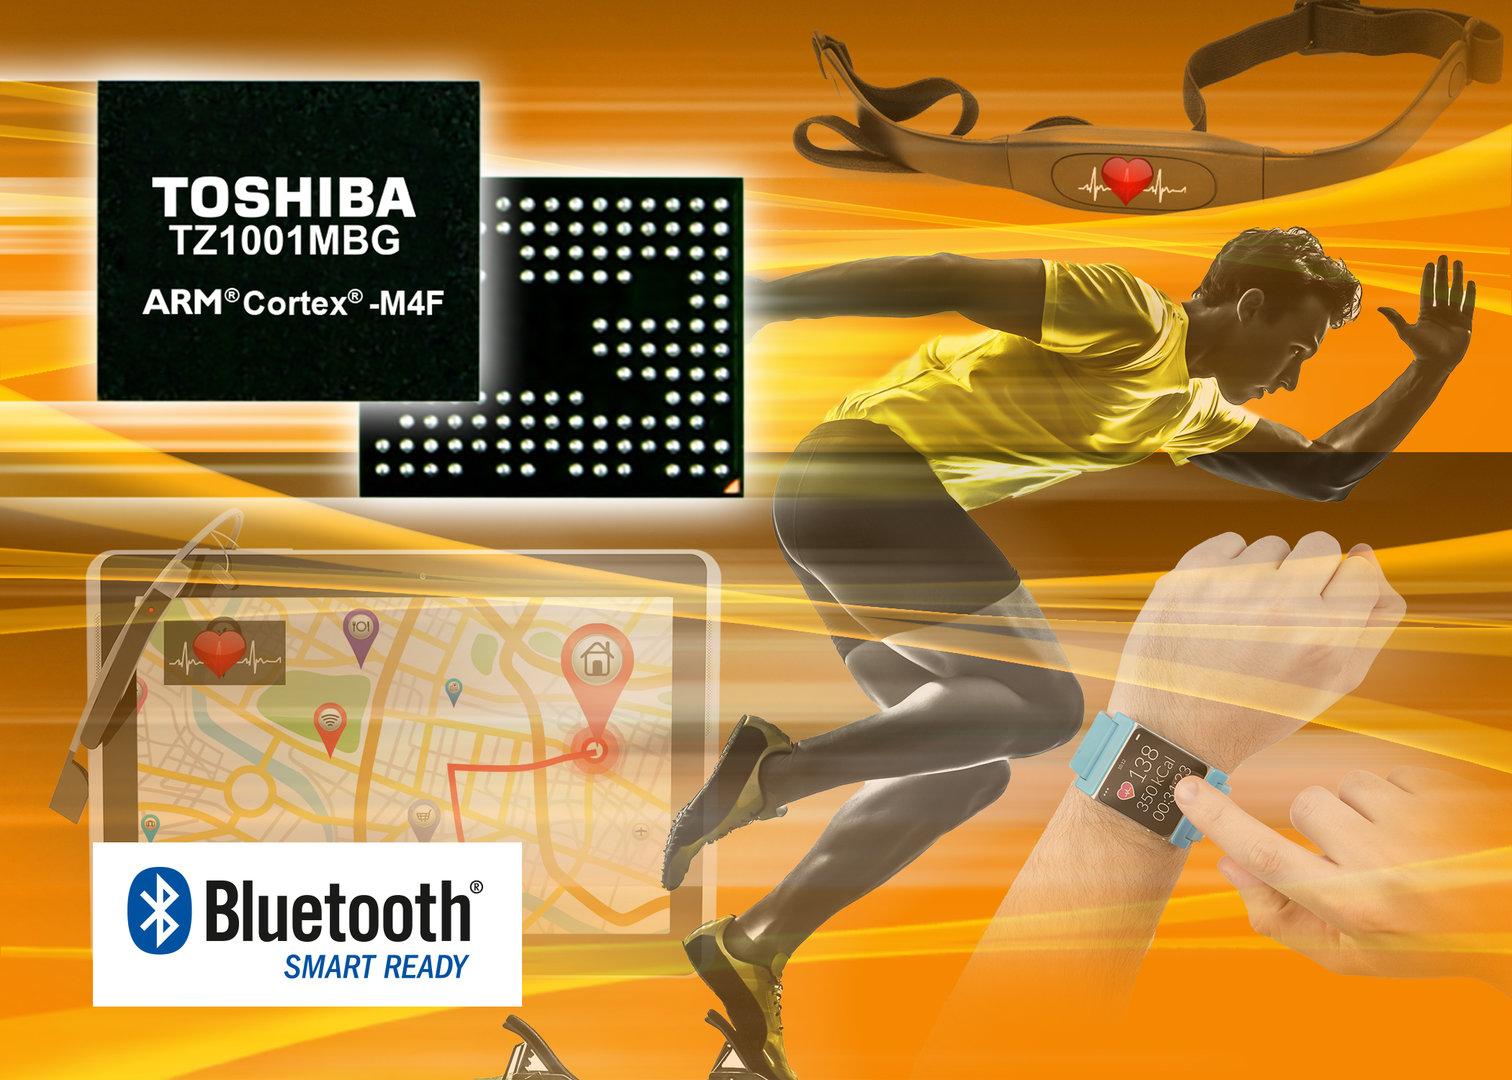 Toshiba TZ1001MBG